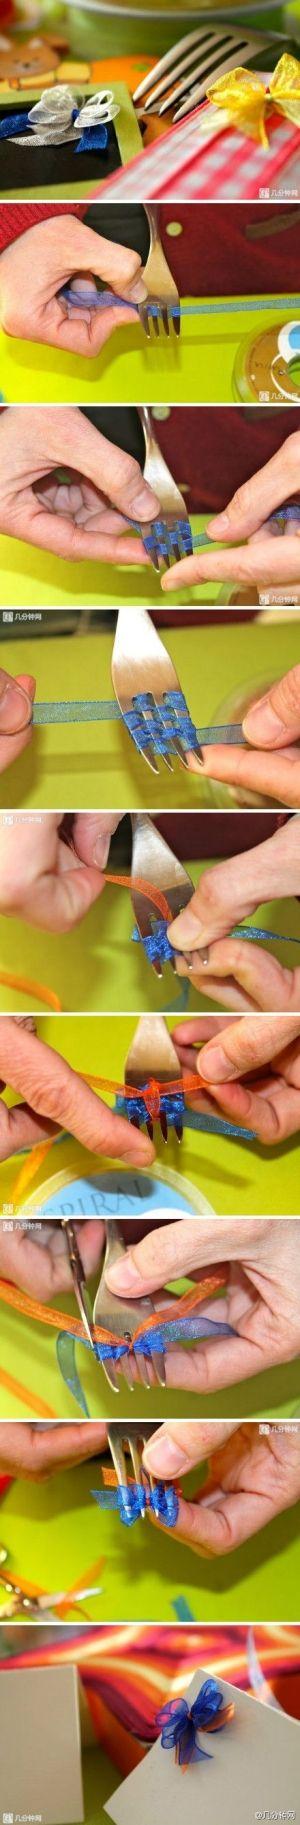 Ribbon bow using a fork by SpicySugar